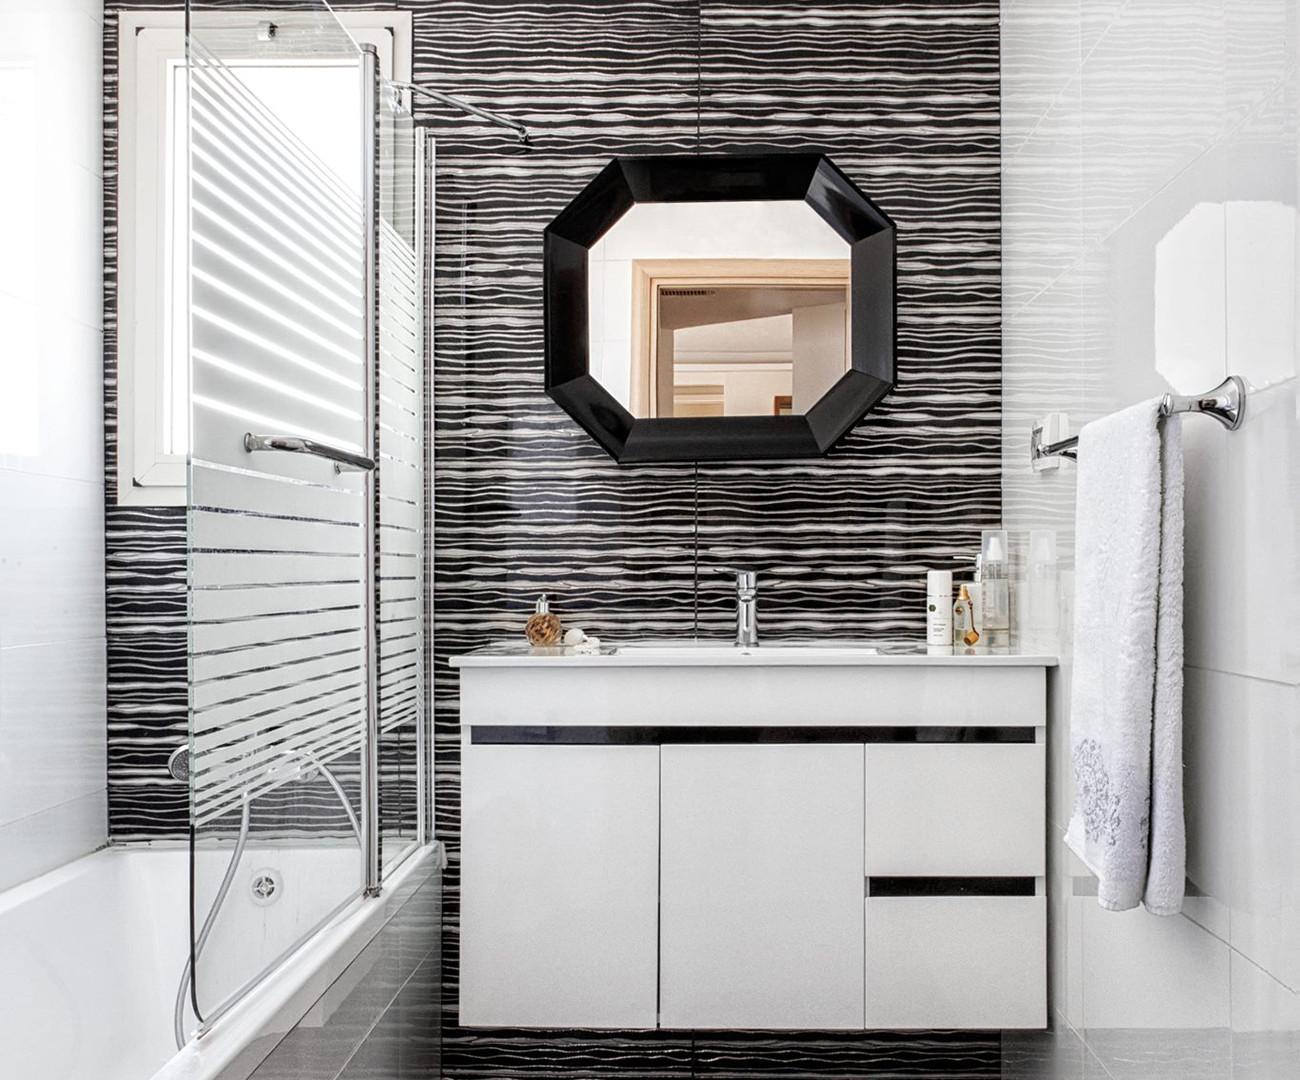 עיצוב אמבטיה שחור-לבן.jpg